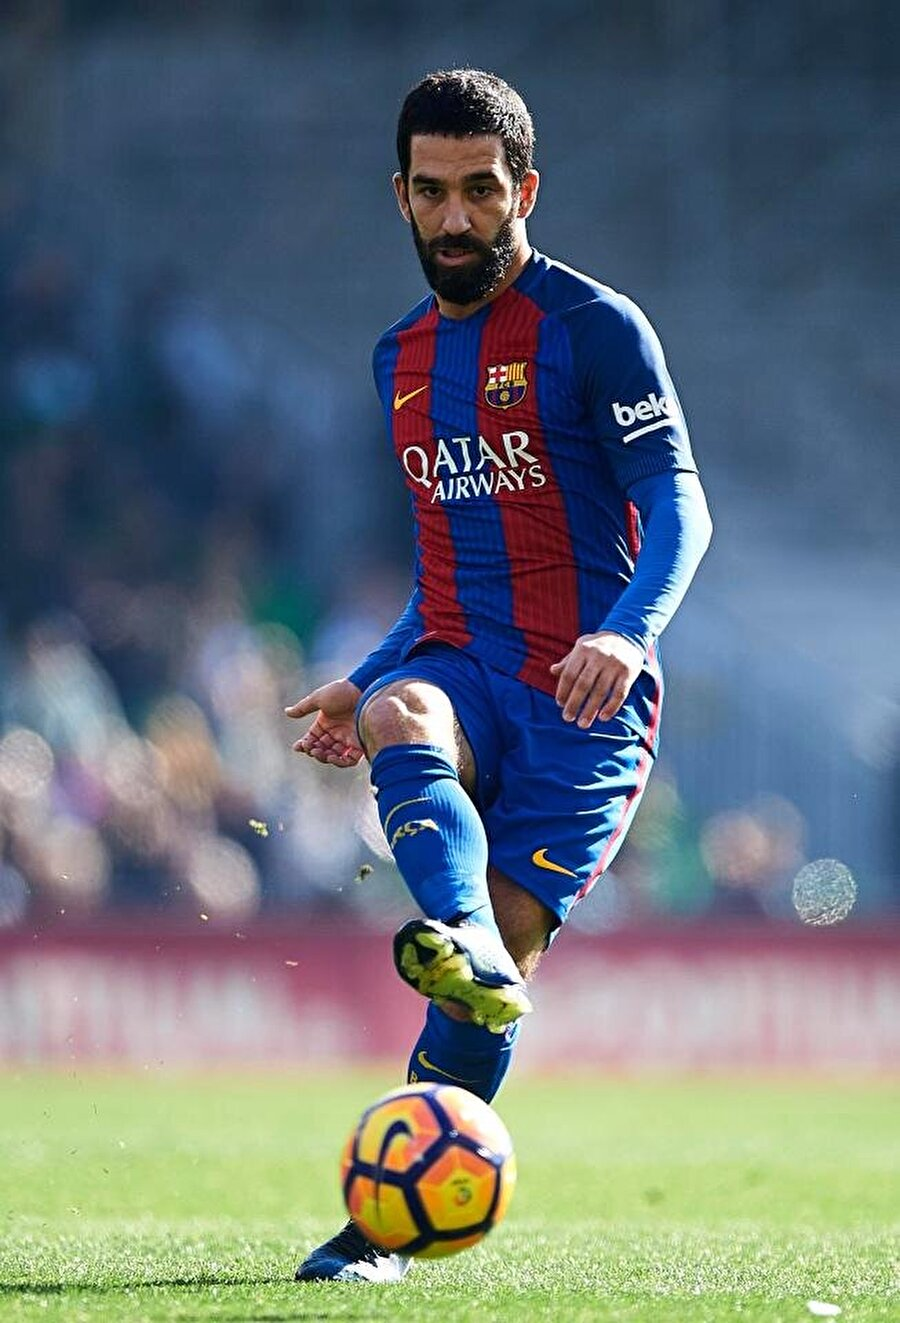 Barcelona formasıyla 55 maça çıkan 15 gol atıp 11 asist yapan Arda Turan kısa sürede taraftarların sevgilisi oldu. İspanyol medyası da Arda Turan'ı yere göğe sığdıramadı.